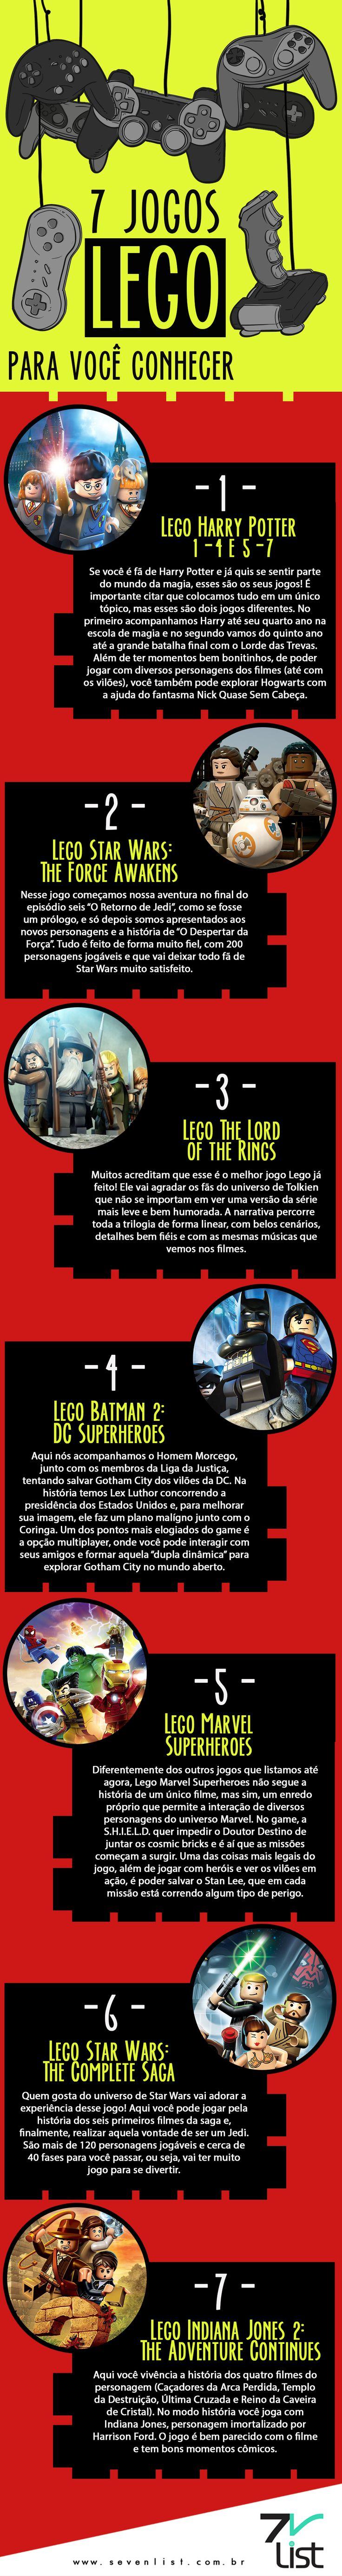 Gosta de Lego? Gosta de games? Então esse post é especial para você. Hoje nossa lista trás 7 jogos LEGO para você conhecer. #SevenList #Games #Jogos #Lego #StarWars #HarryPotter #IndianaJones #Marvel #DcComics #Infográfico #Art